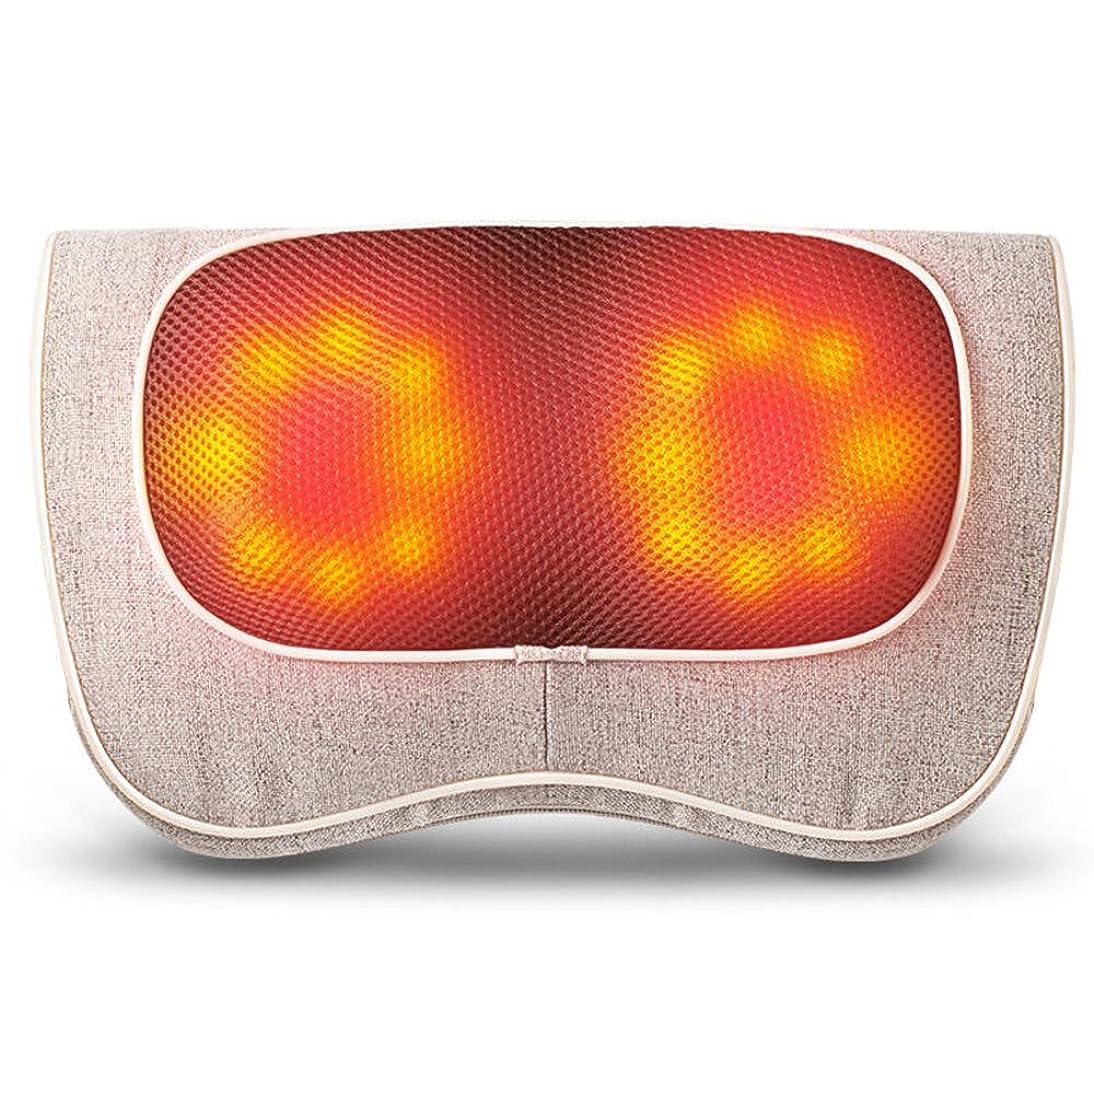 議論する頭蓋骨幼児AIWO電子ネックマッサージ ネックマッサージャーディープティッシュ| ボディーショルダーバックネック治療上の痛みを和らげるための熱指圧3D混練クッション